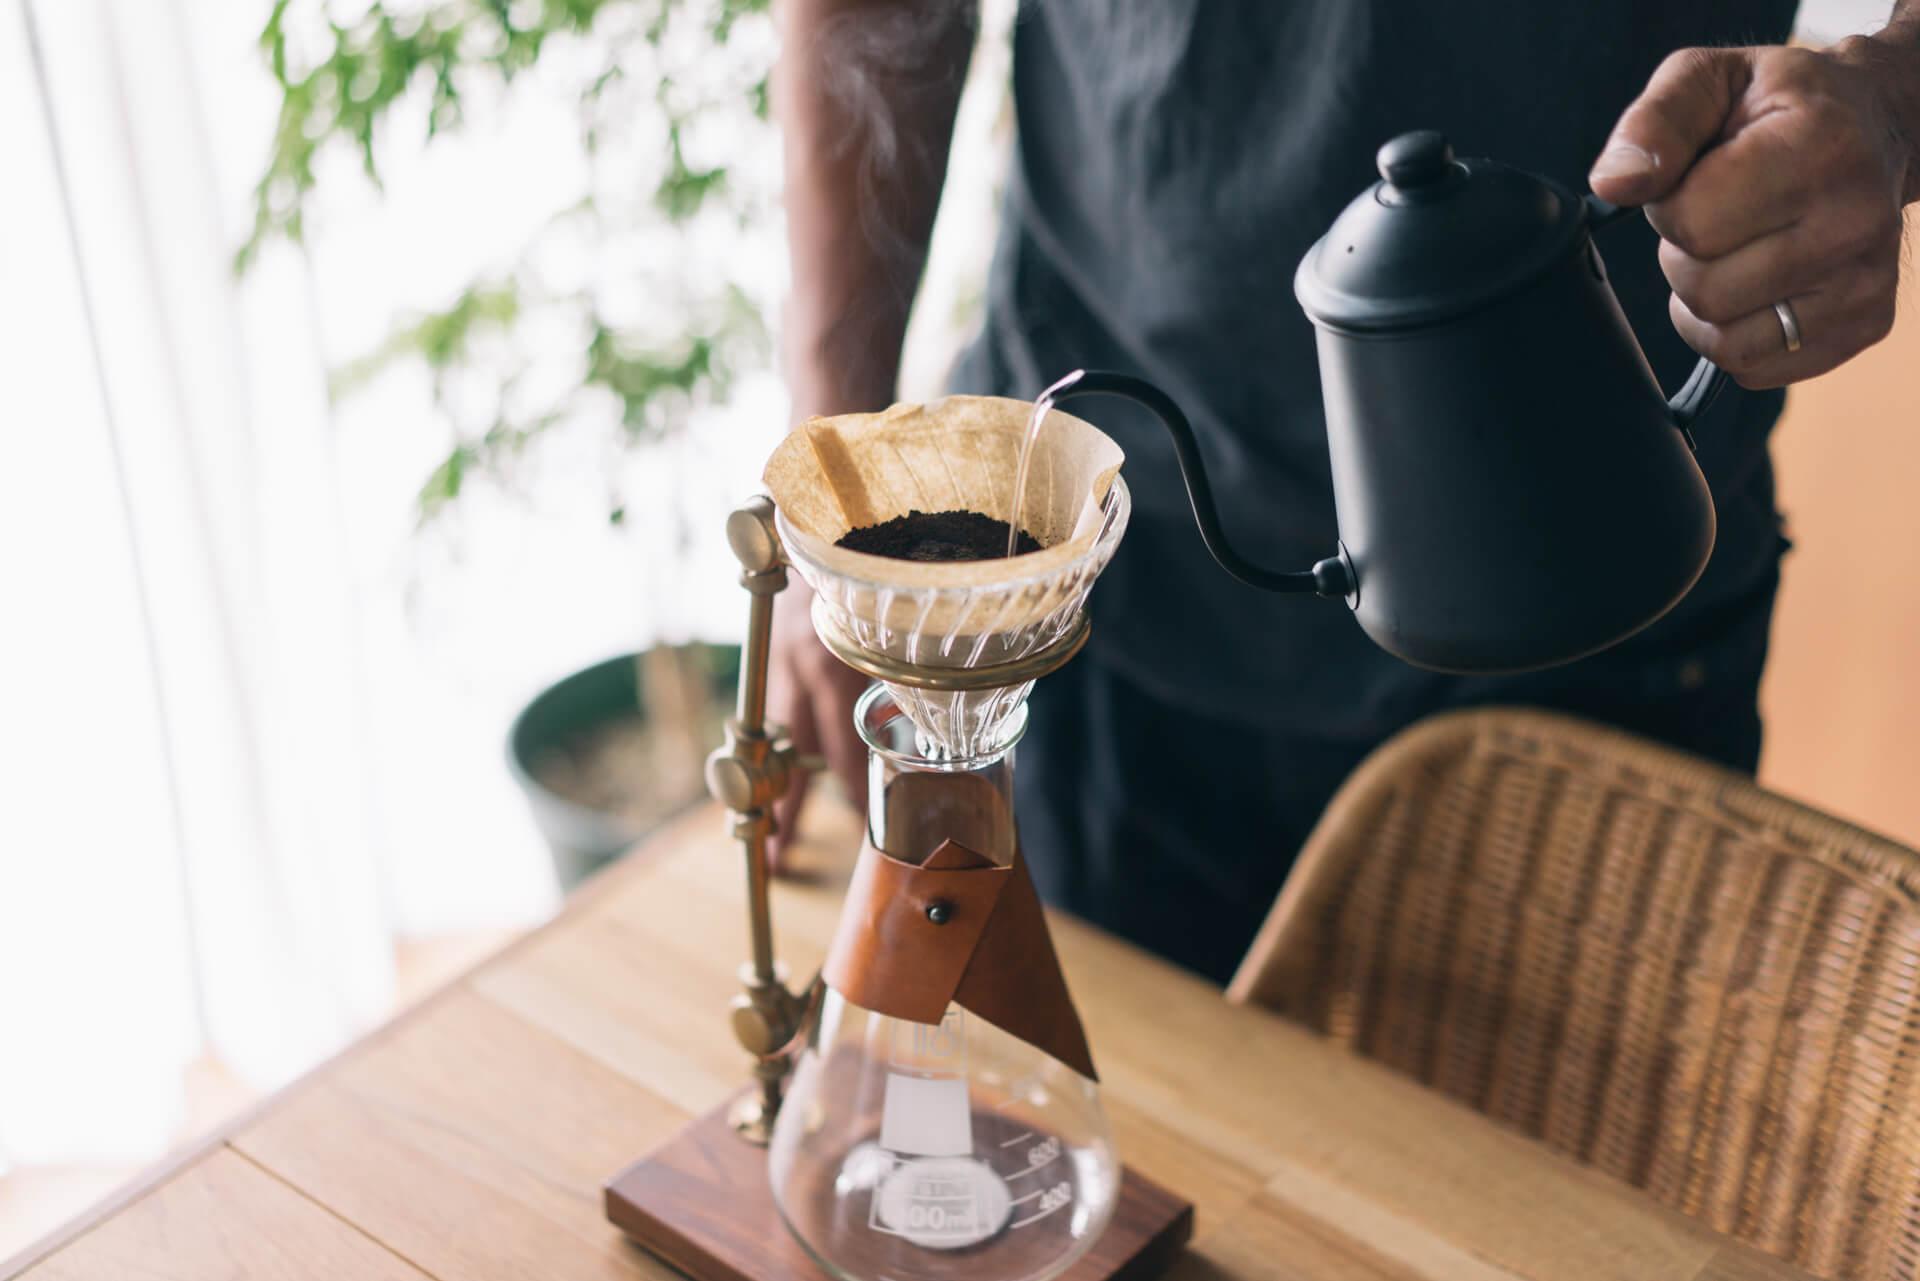 ビーカーで淹れるコーヒーはなにかの実験のよう。